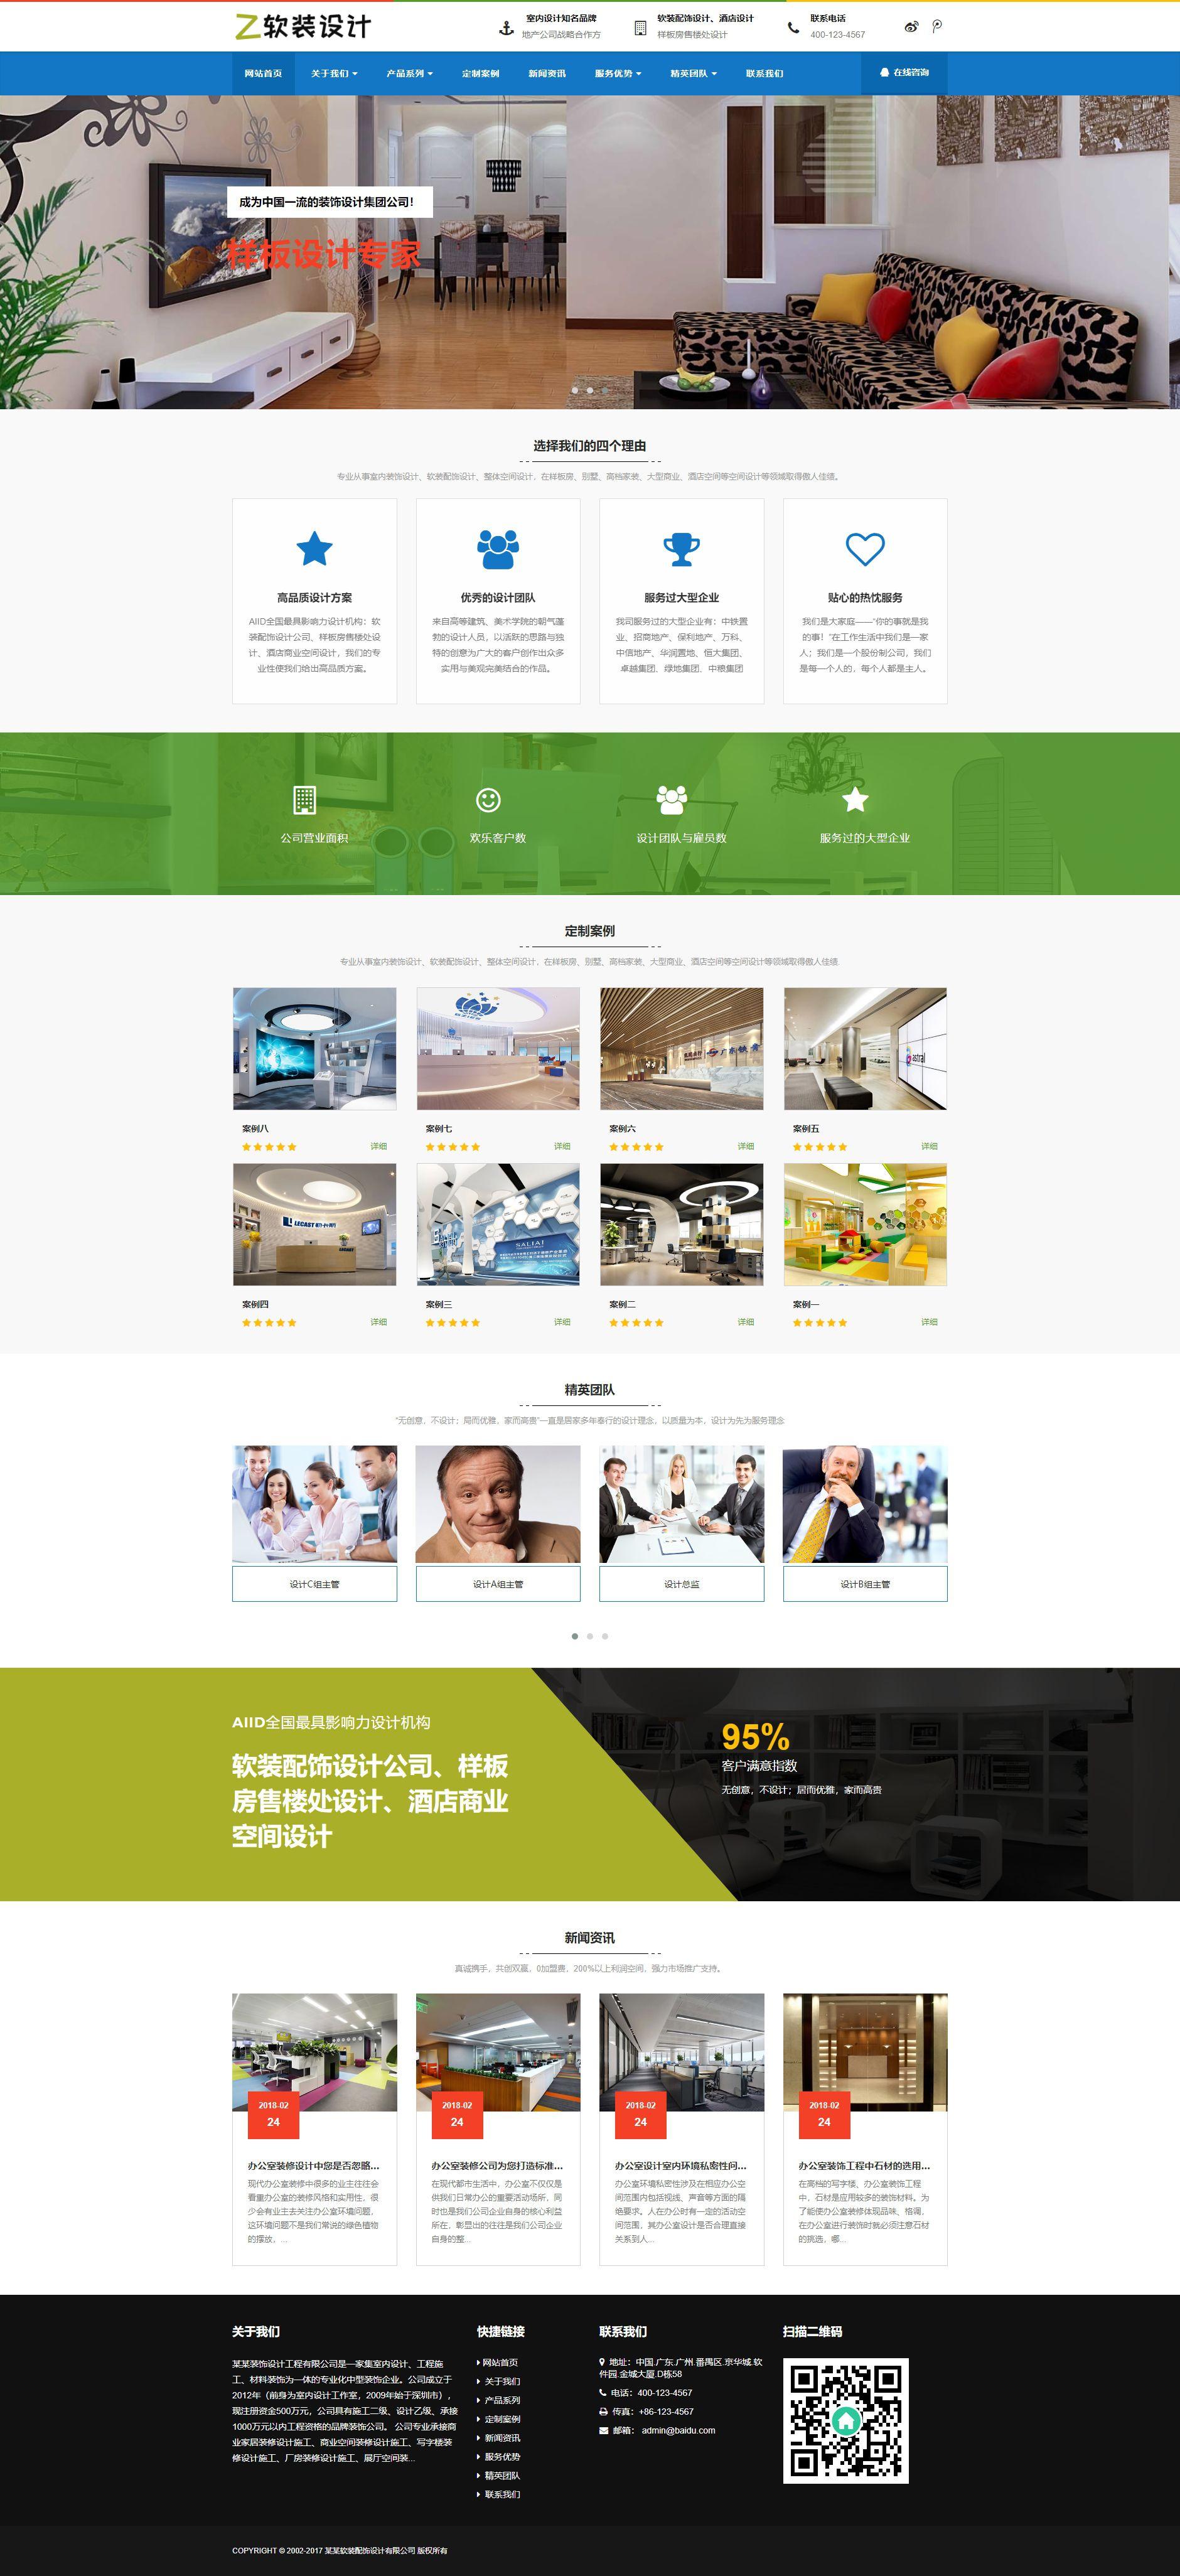 响应式装修软装配饰设计类网站织梦dedecms模板(自适应手机端)